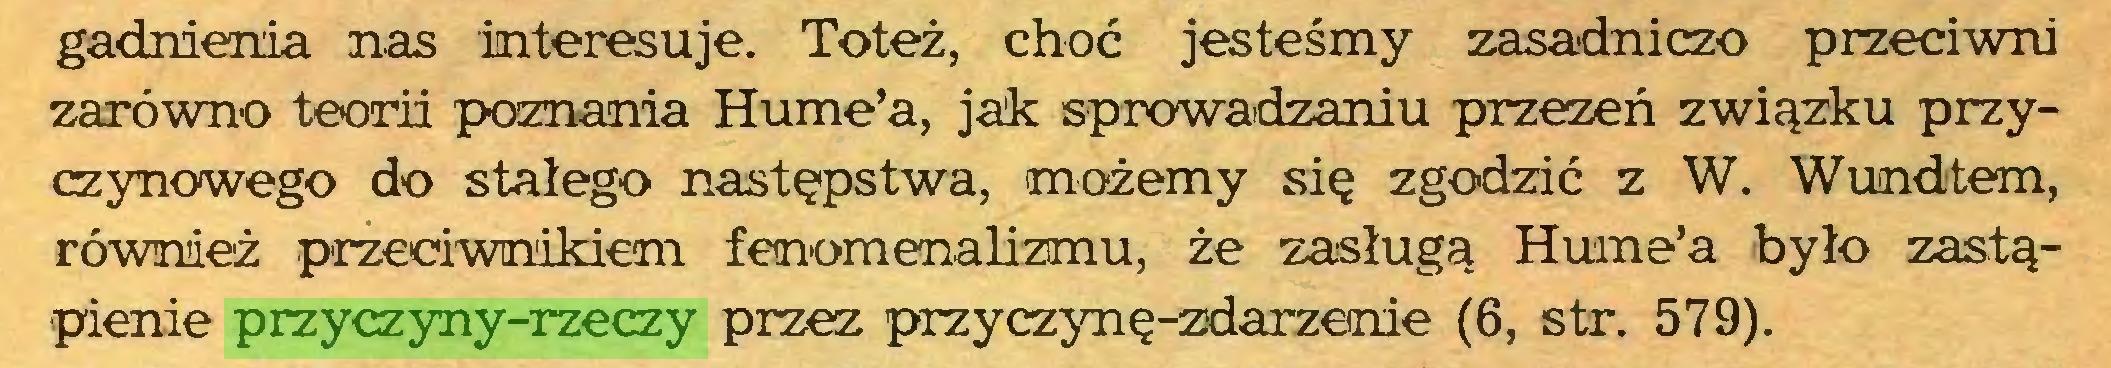 (...) gadnienia nas interesuje. Toteż, choć jesteśmy zasadniczo przeciwni zarówno teorii poznania Hume'a, jak sprowadzaniu przezeń związku przyczynowego do stałego następstwa, możemy się zgodzić z W. Wundtem, również przeciwnikiem fenomenalizmu, że zasługą Hume'a było zastąpienie przyczyny-rzeczy przez przyczynę-zdarzemie (6, str. 579)...